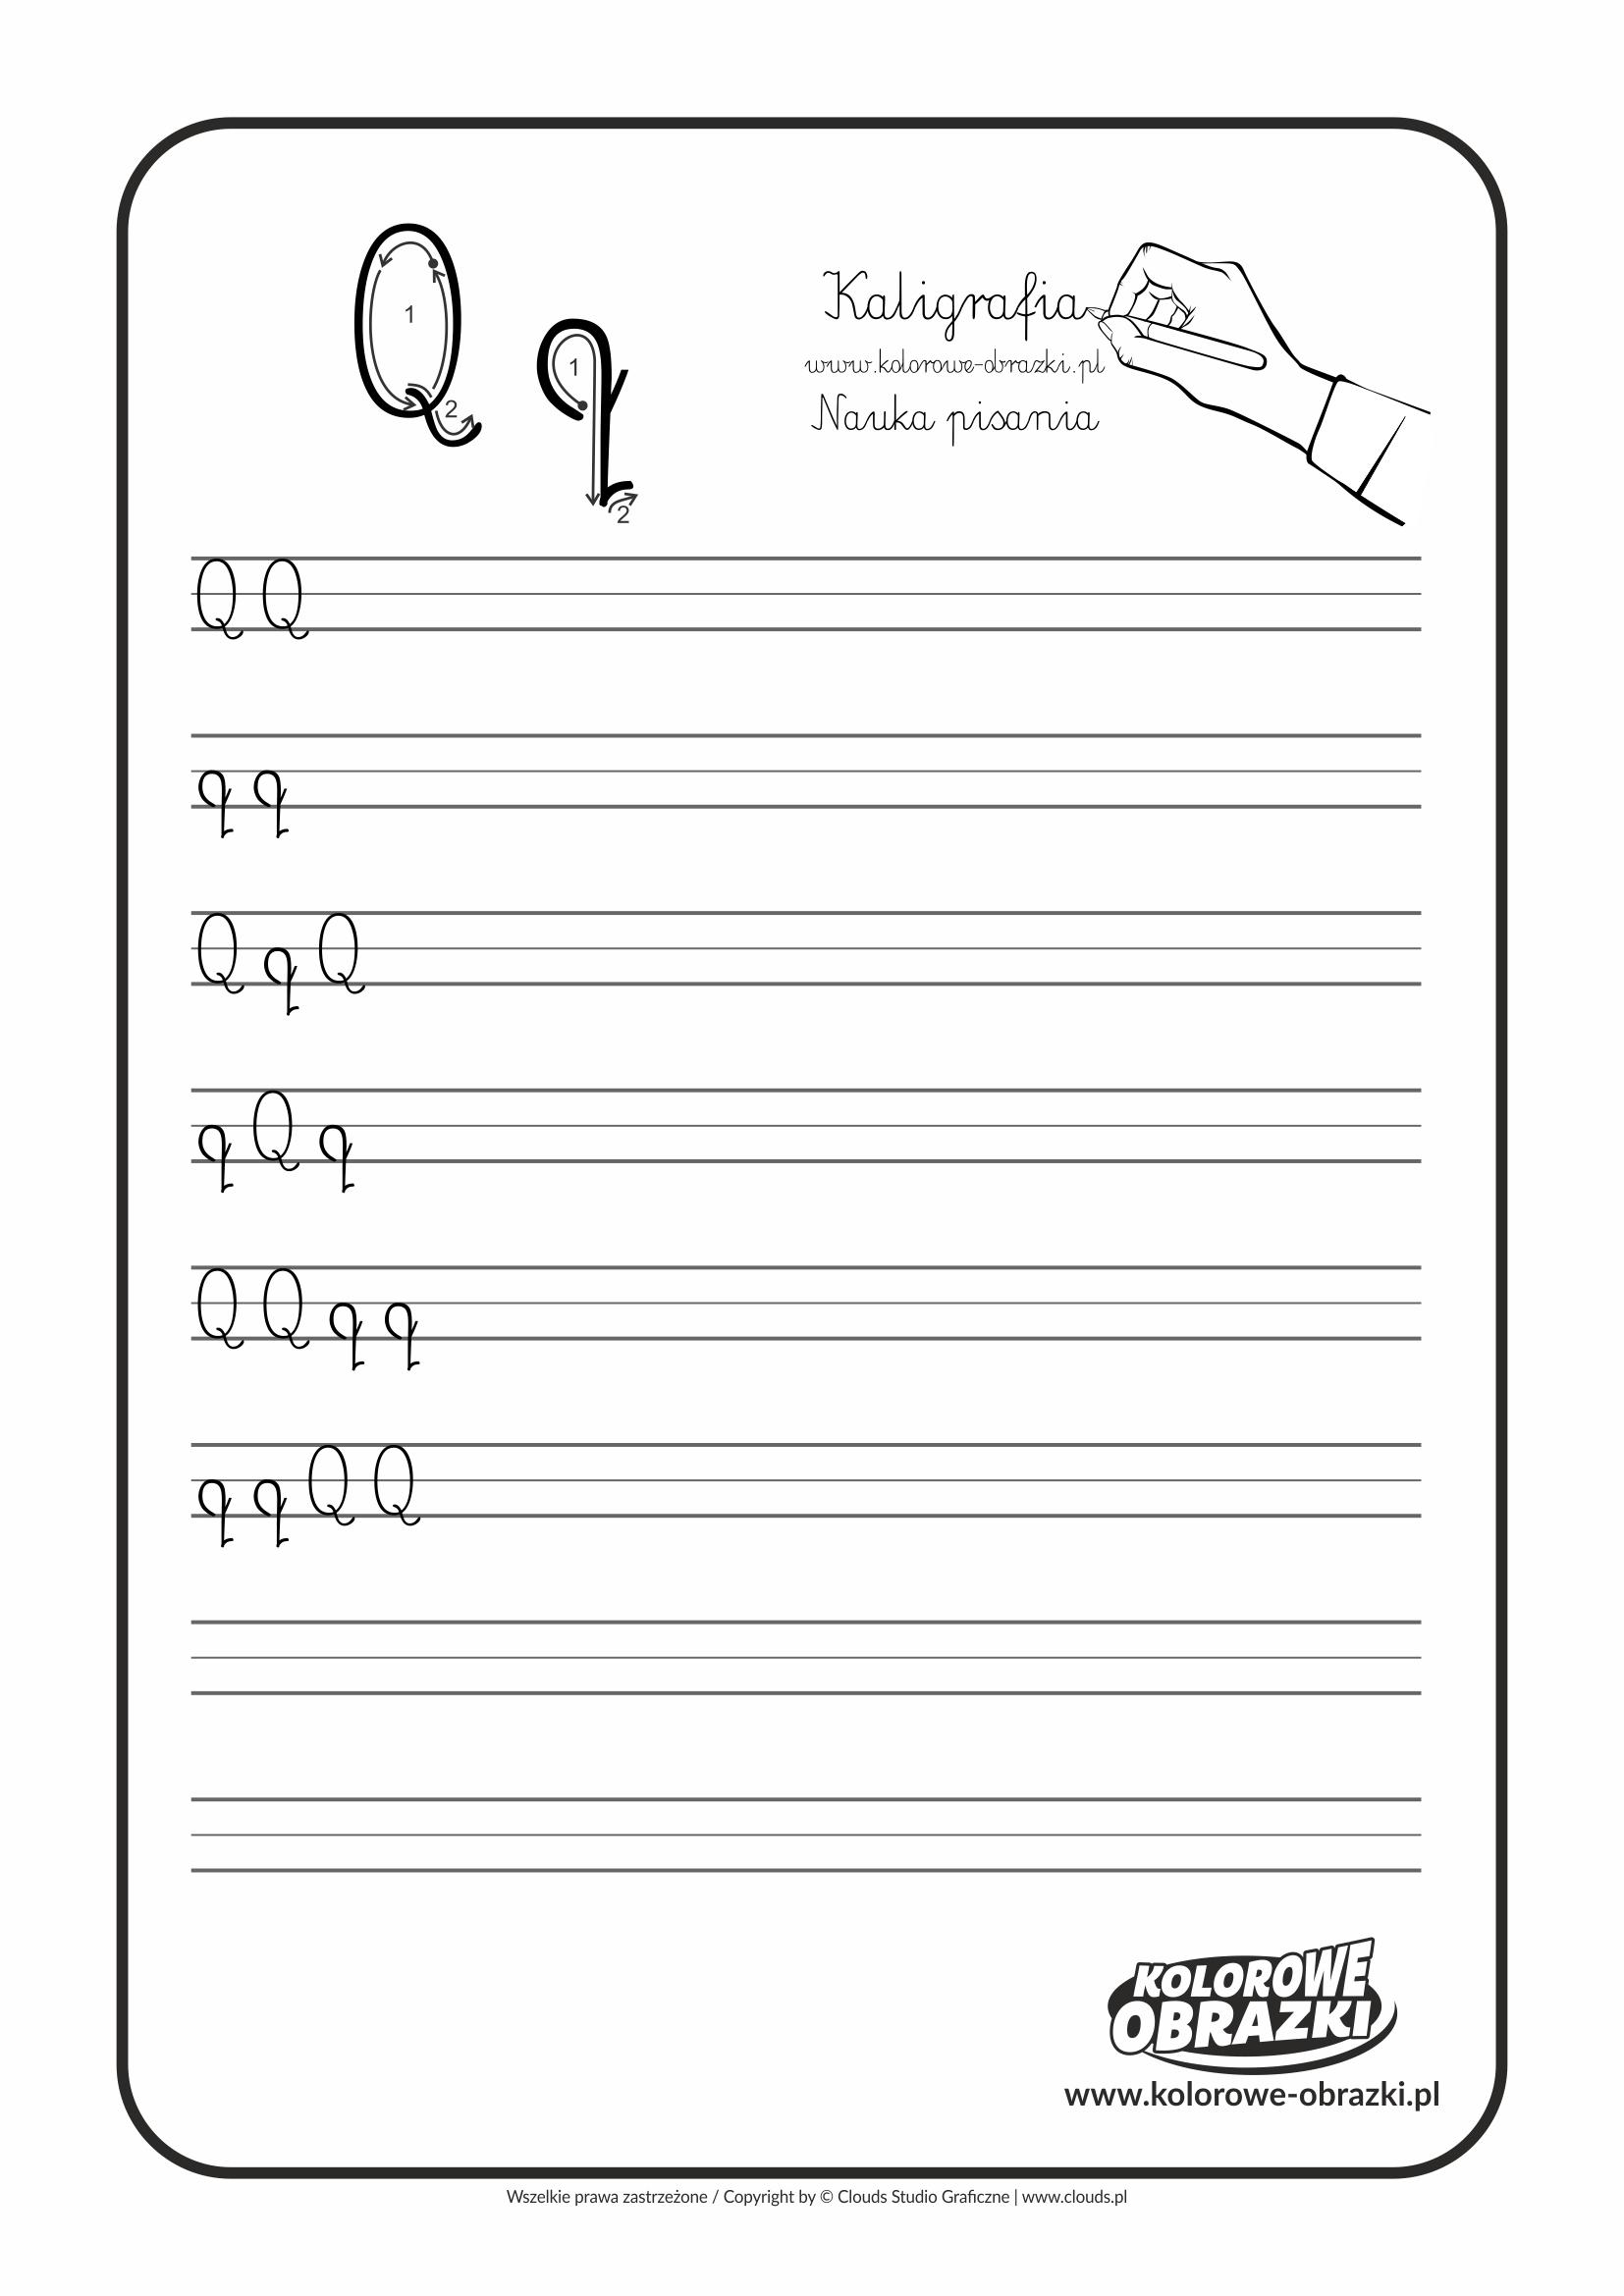 Kaligrafia dla dzieci - Ćwiczenia kaligraficzne / Litera Q. Nauka pisania litery Q